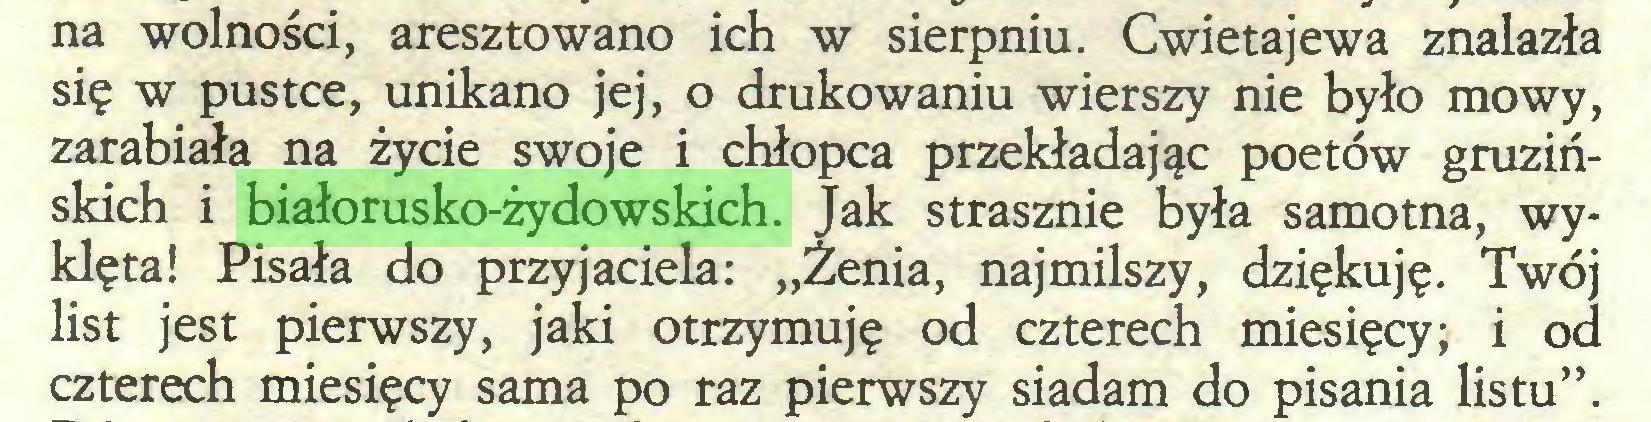 """(...) na wolności, aresztowano ich w sierpniu. Cwietajewa znalazła się w pustce, unikano jej, o drukowaniu wierszy nie było mowy, zarabiała na życie swoje i chłopca przekładając poetów gruzińskich i białorusko-żydowskich. Jak strasznie była samotna, wyklęta! Pisała do przyjaciela: """"Żenią, najmilszy, dziękuję. Twój list jest pierwszy, jaki otrzymuję od czterech miesięcy; i od czterech miesięcy sama po raz pierwszy siadam do pisania listu""""..."""